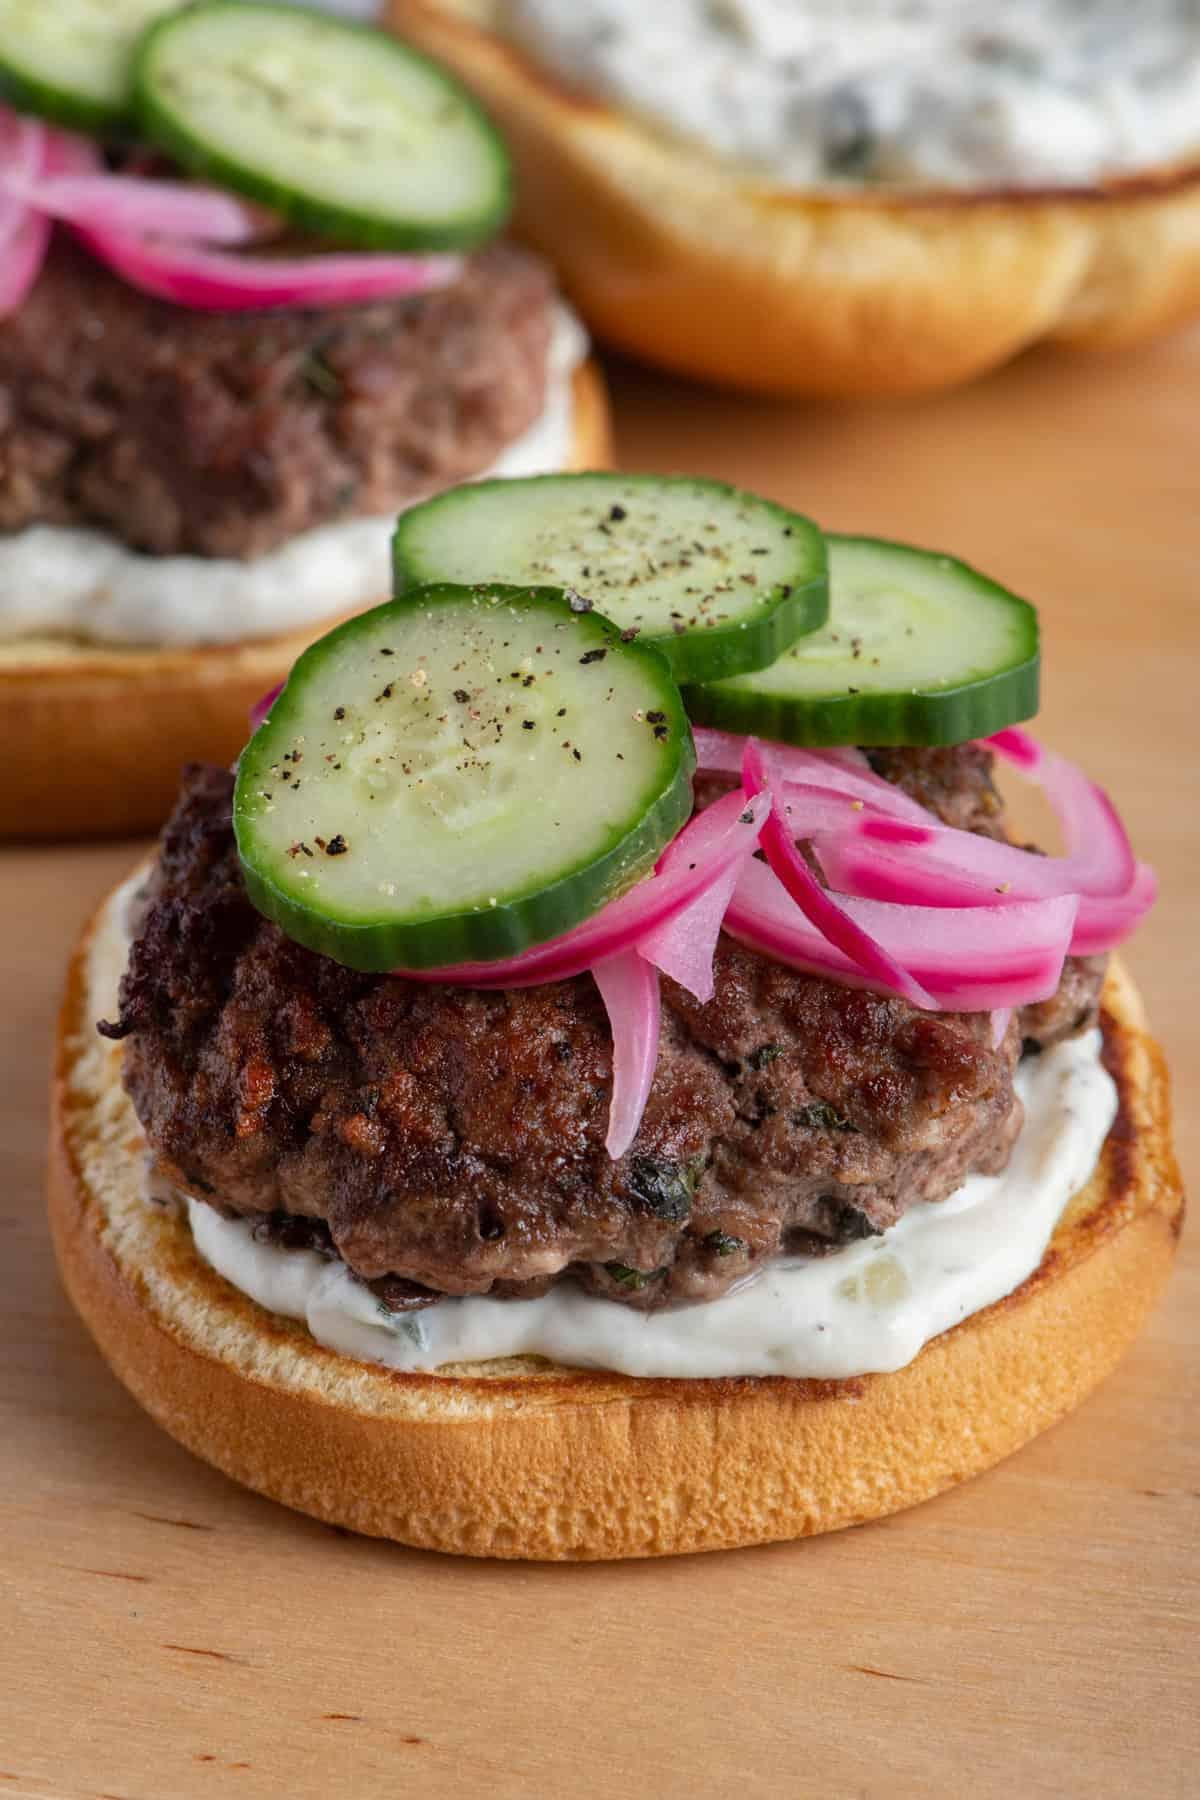 Opened lamb burgers on cutting board